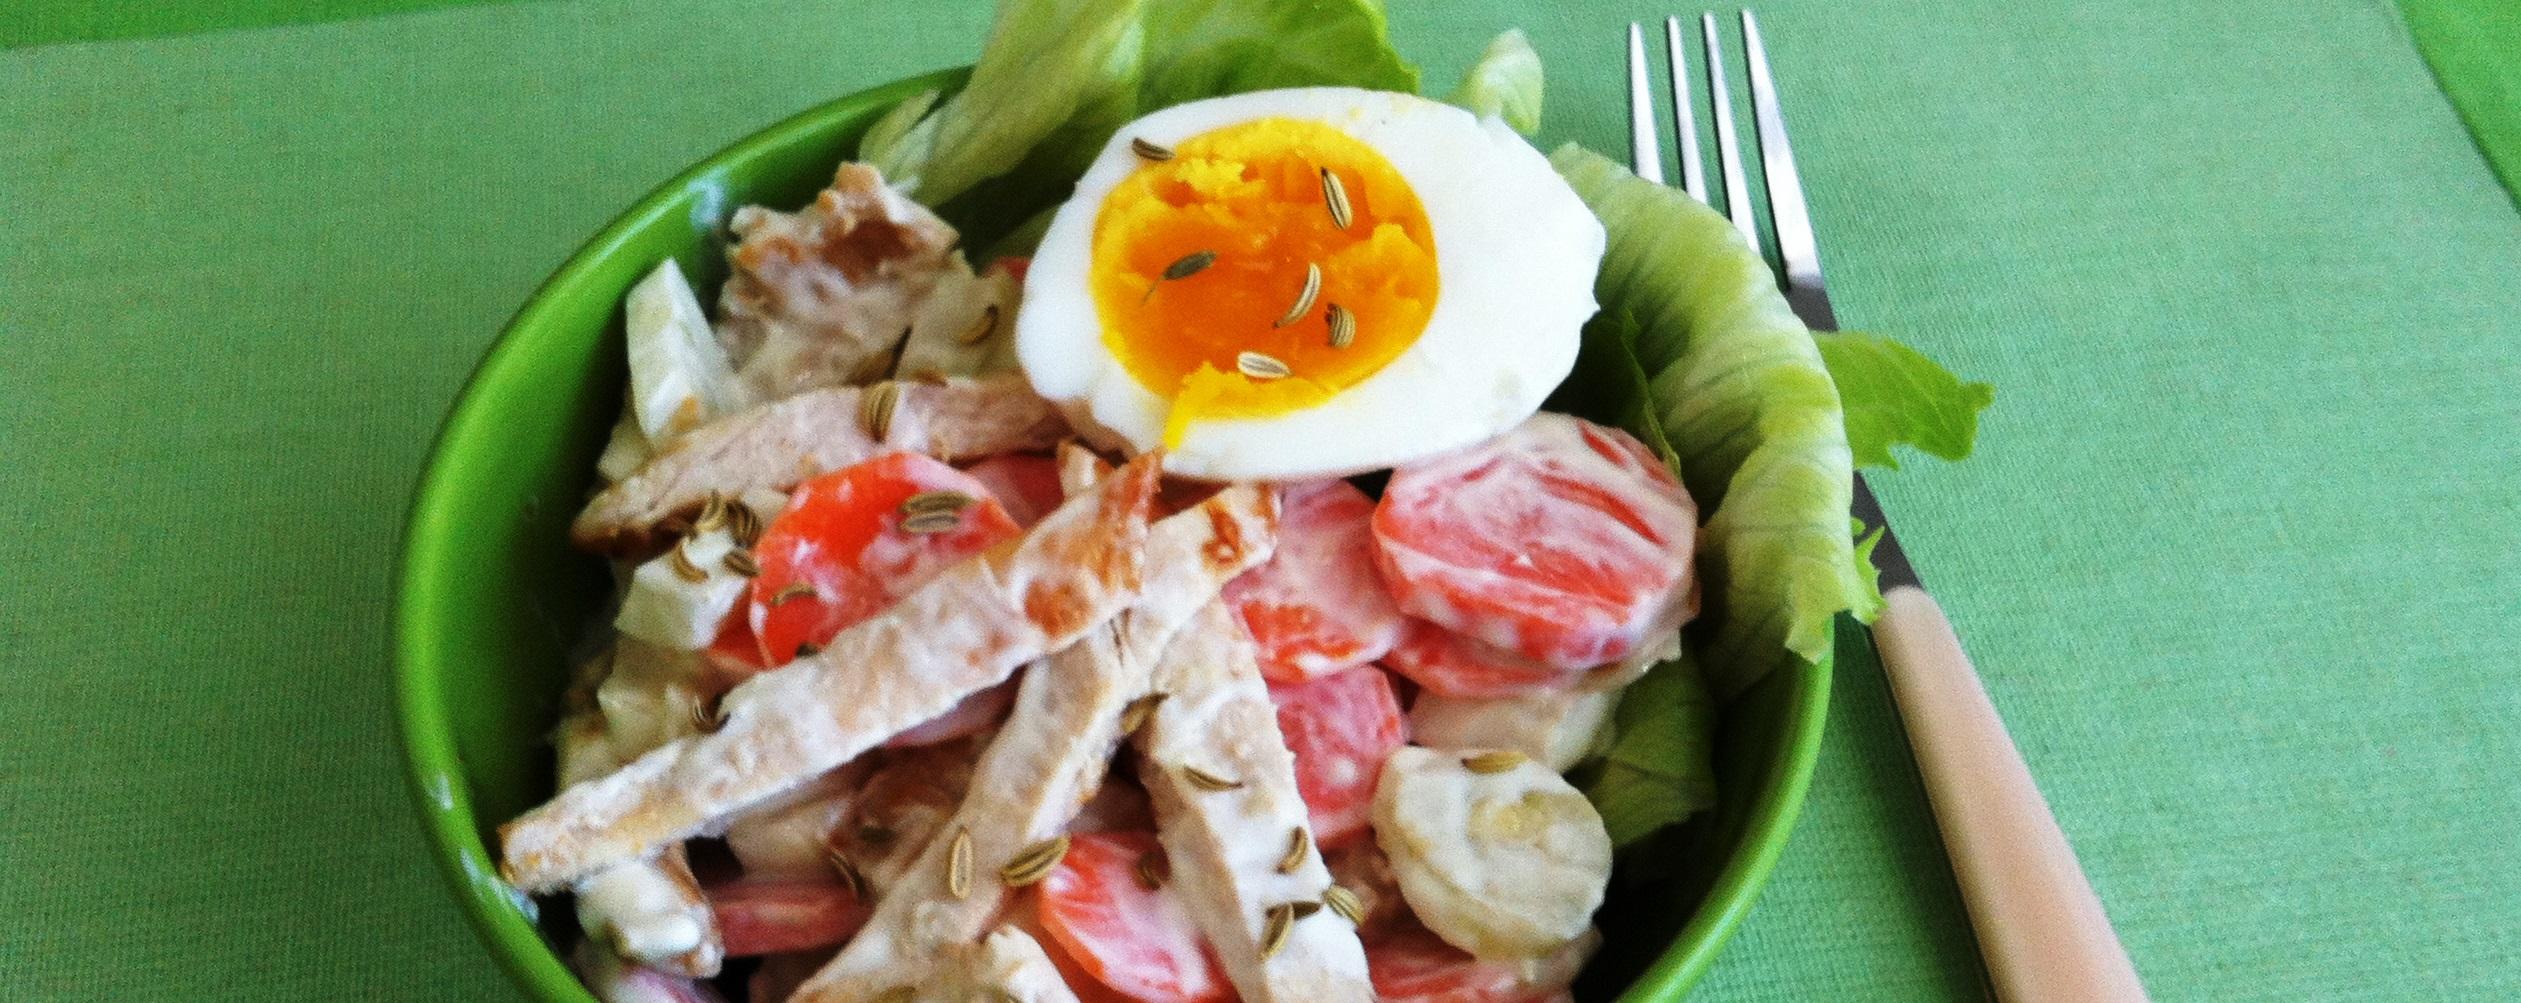 Insalata di pollo e carote – Carrot and chicken salad